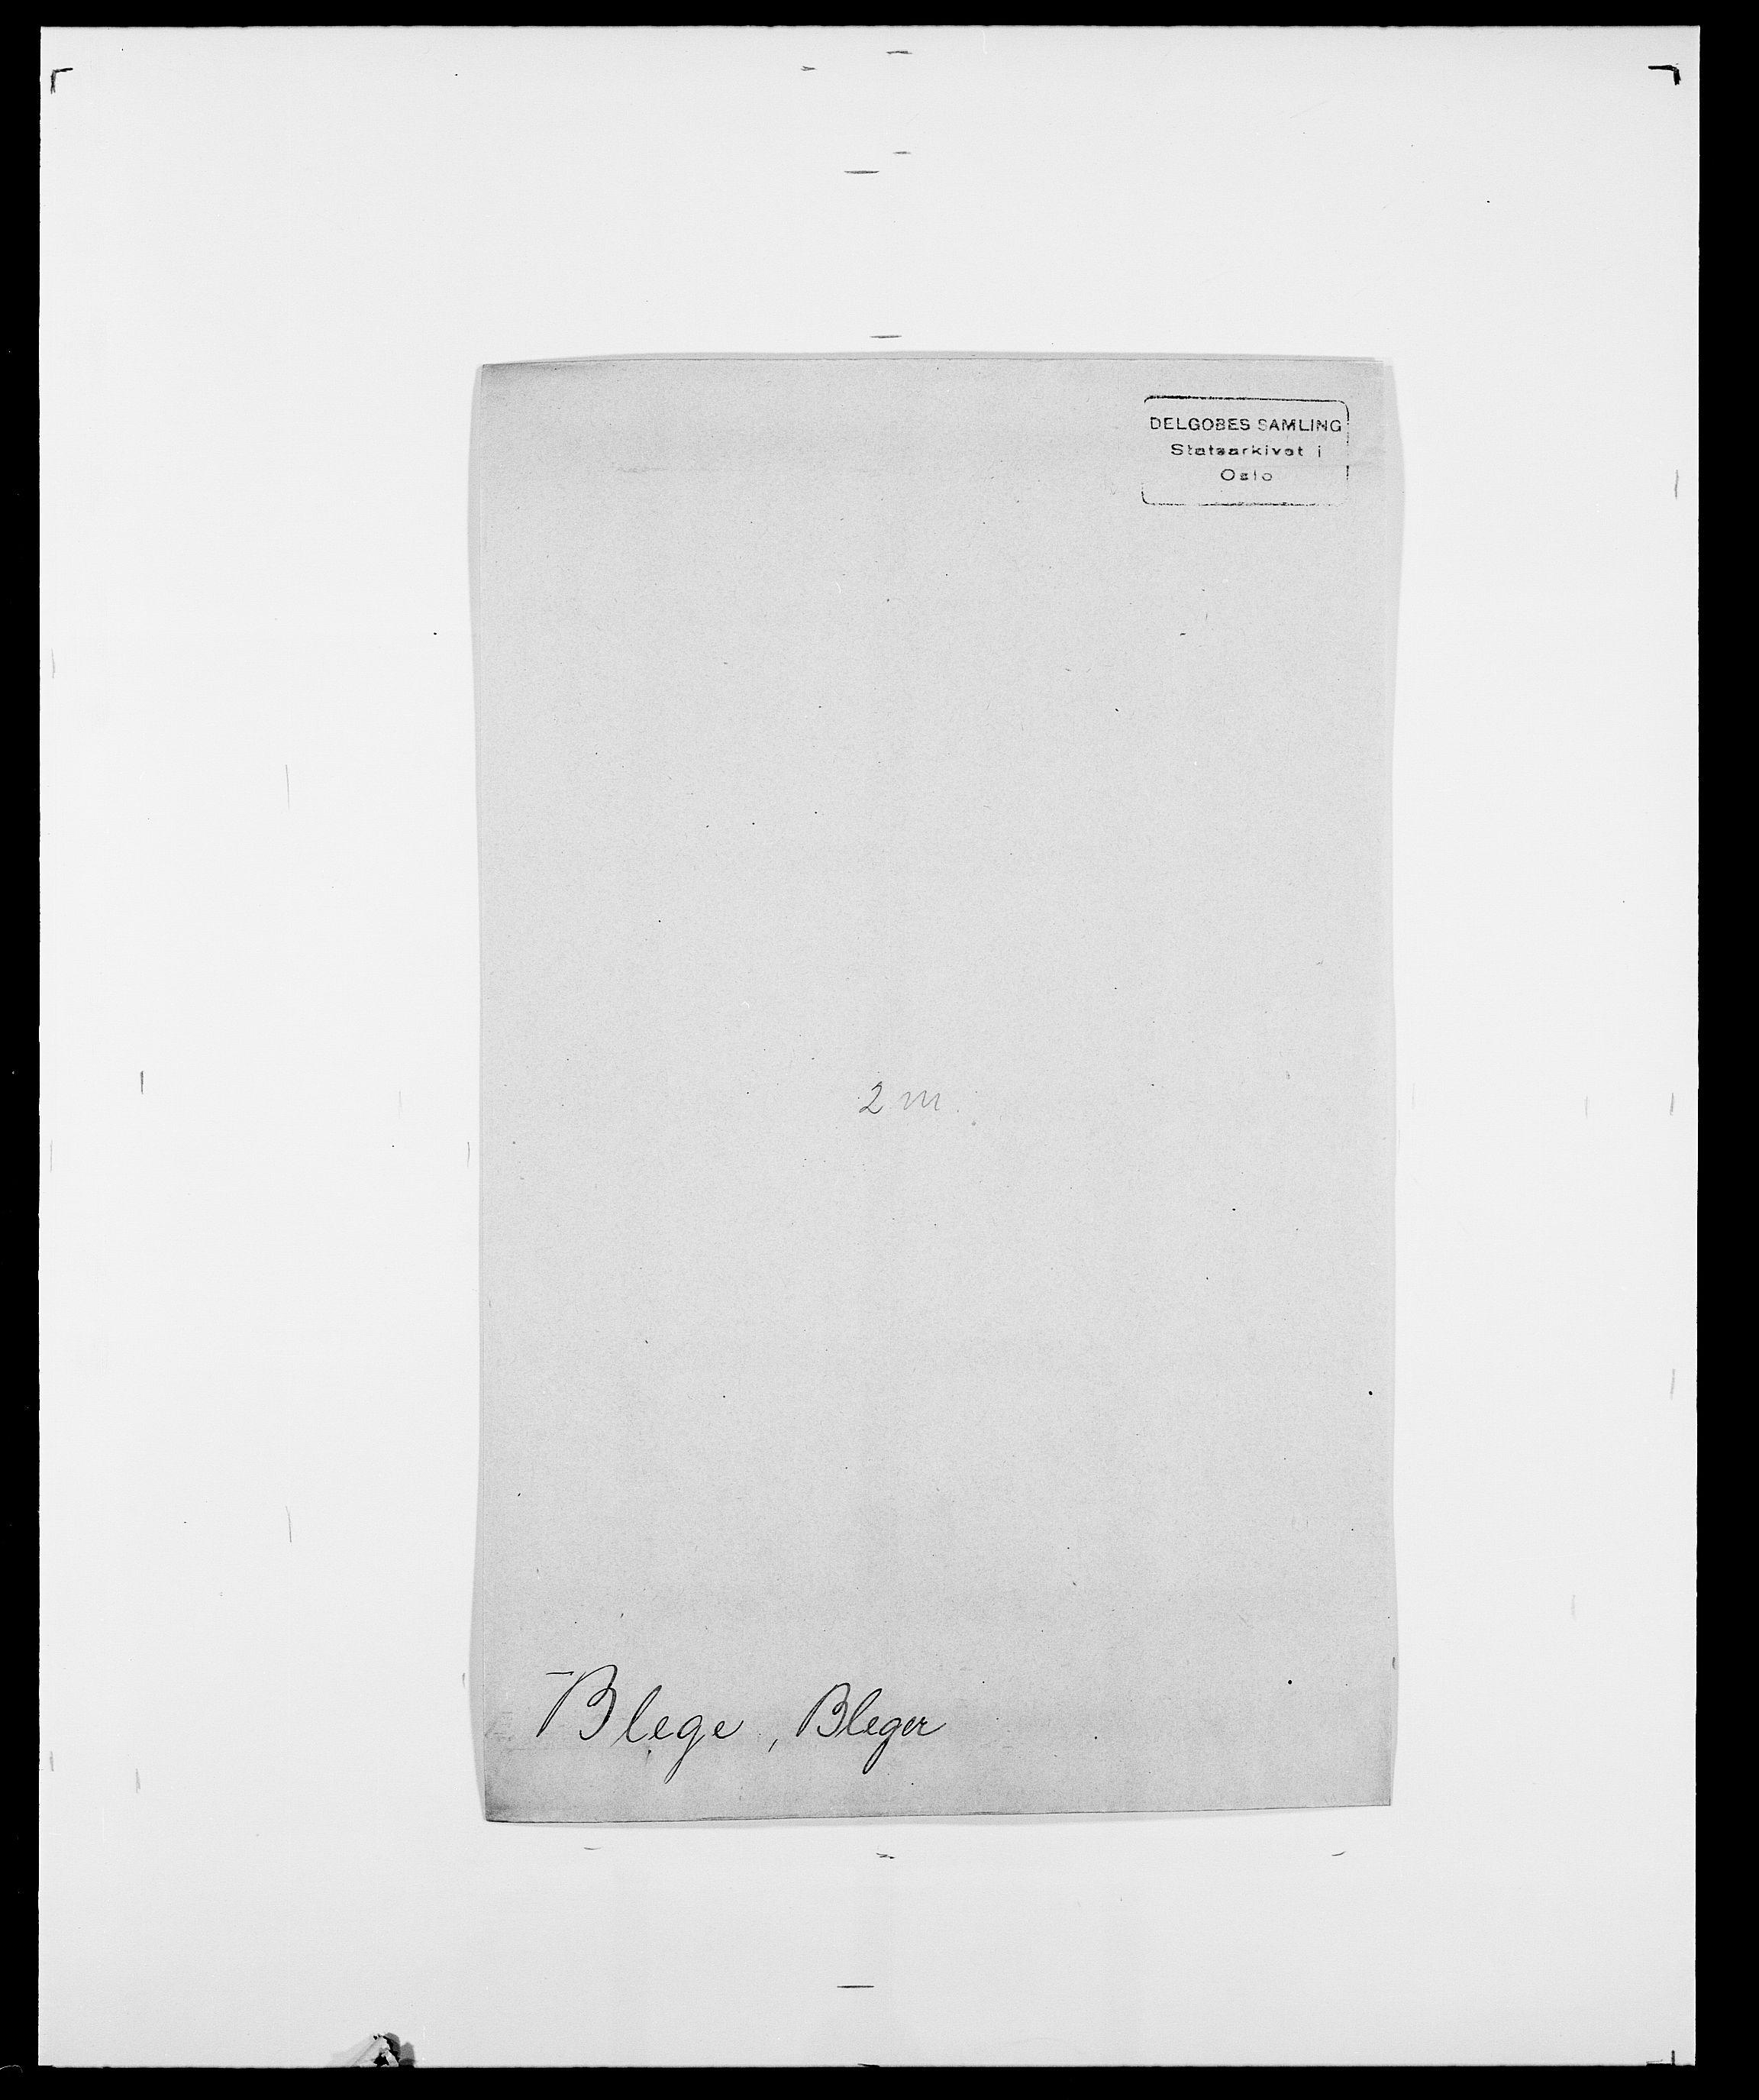 SAO, Delgobe, Charles Antoine - samling, D/Da/L0004: Bergendahl - Blære, s. 553